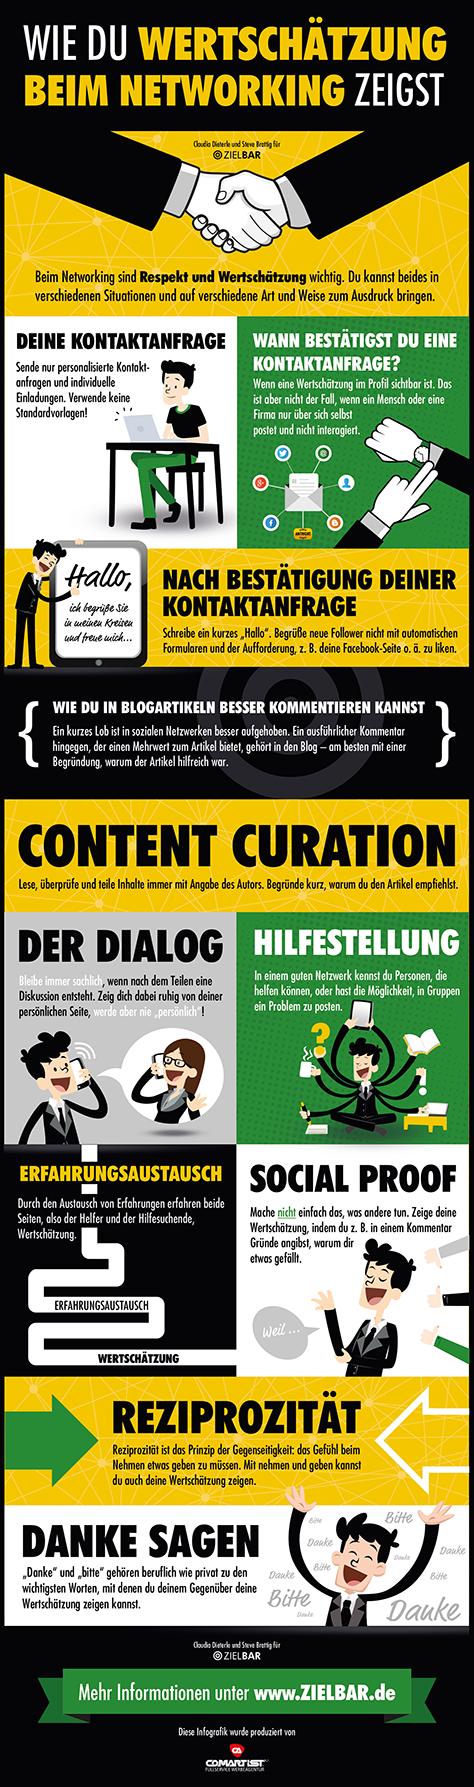 Infografik: Wie du Wertschätzung beim Networking zeigst